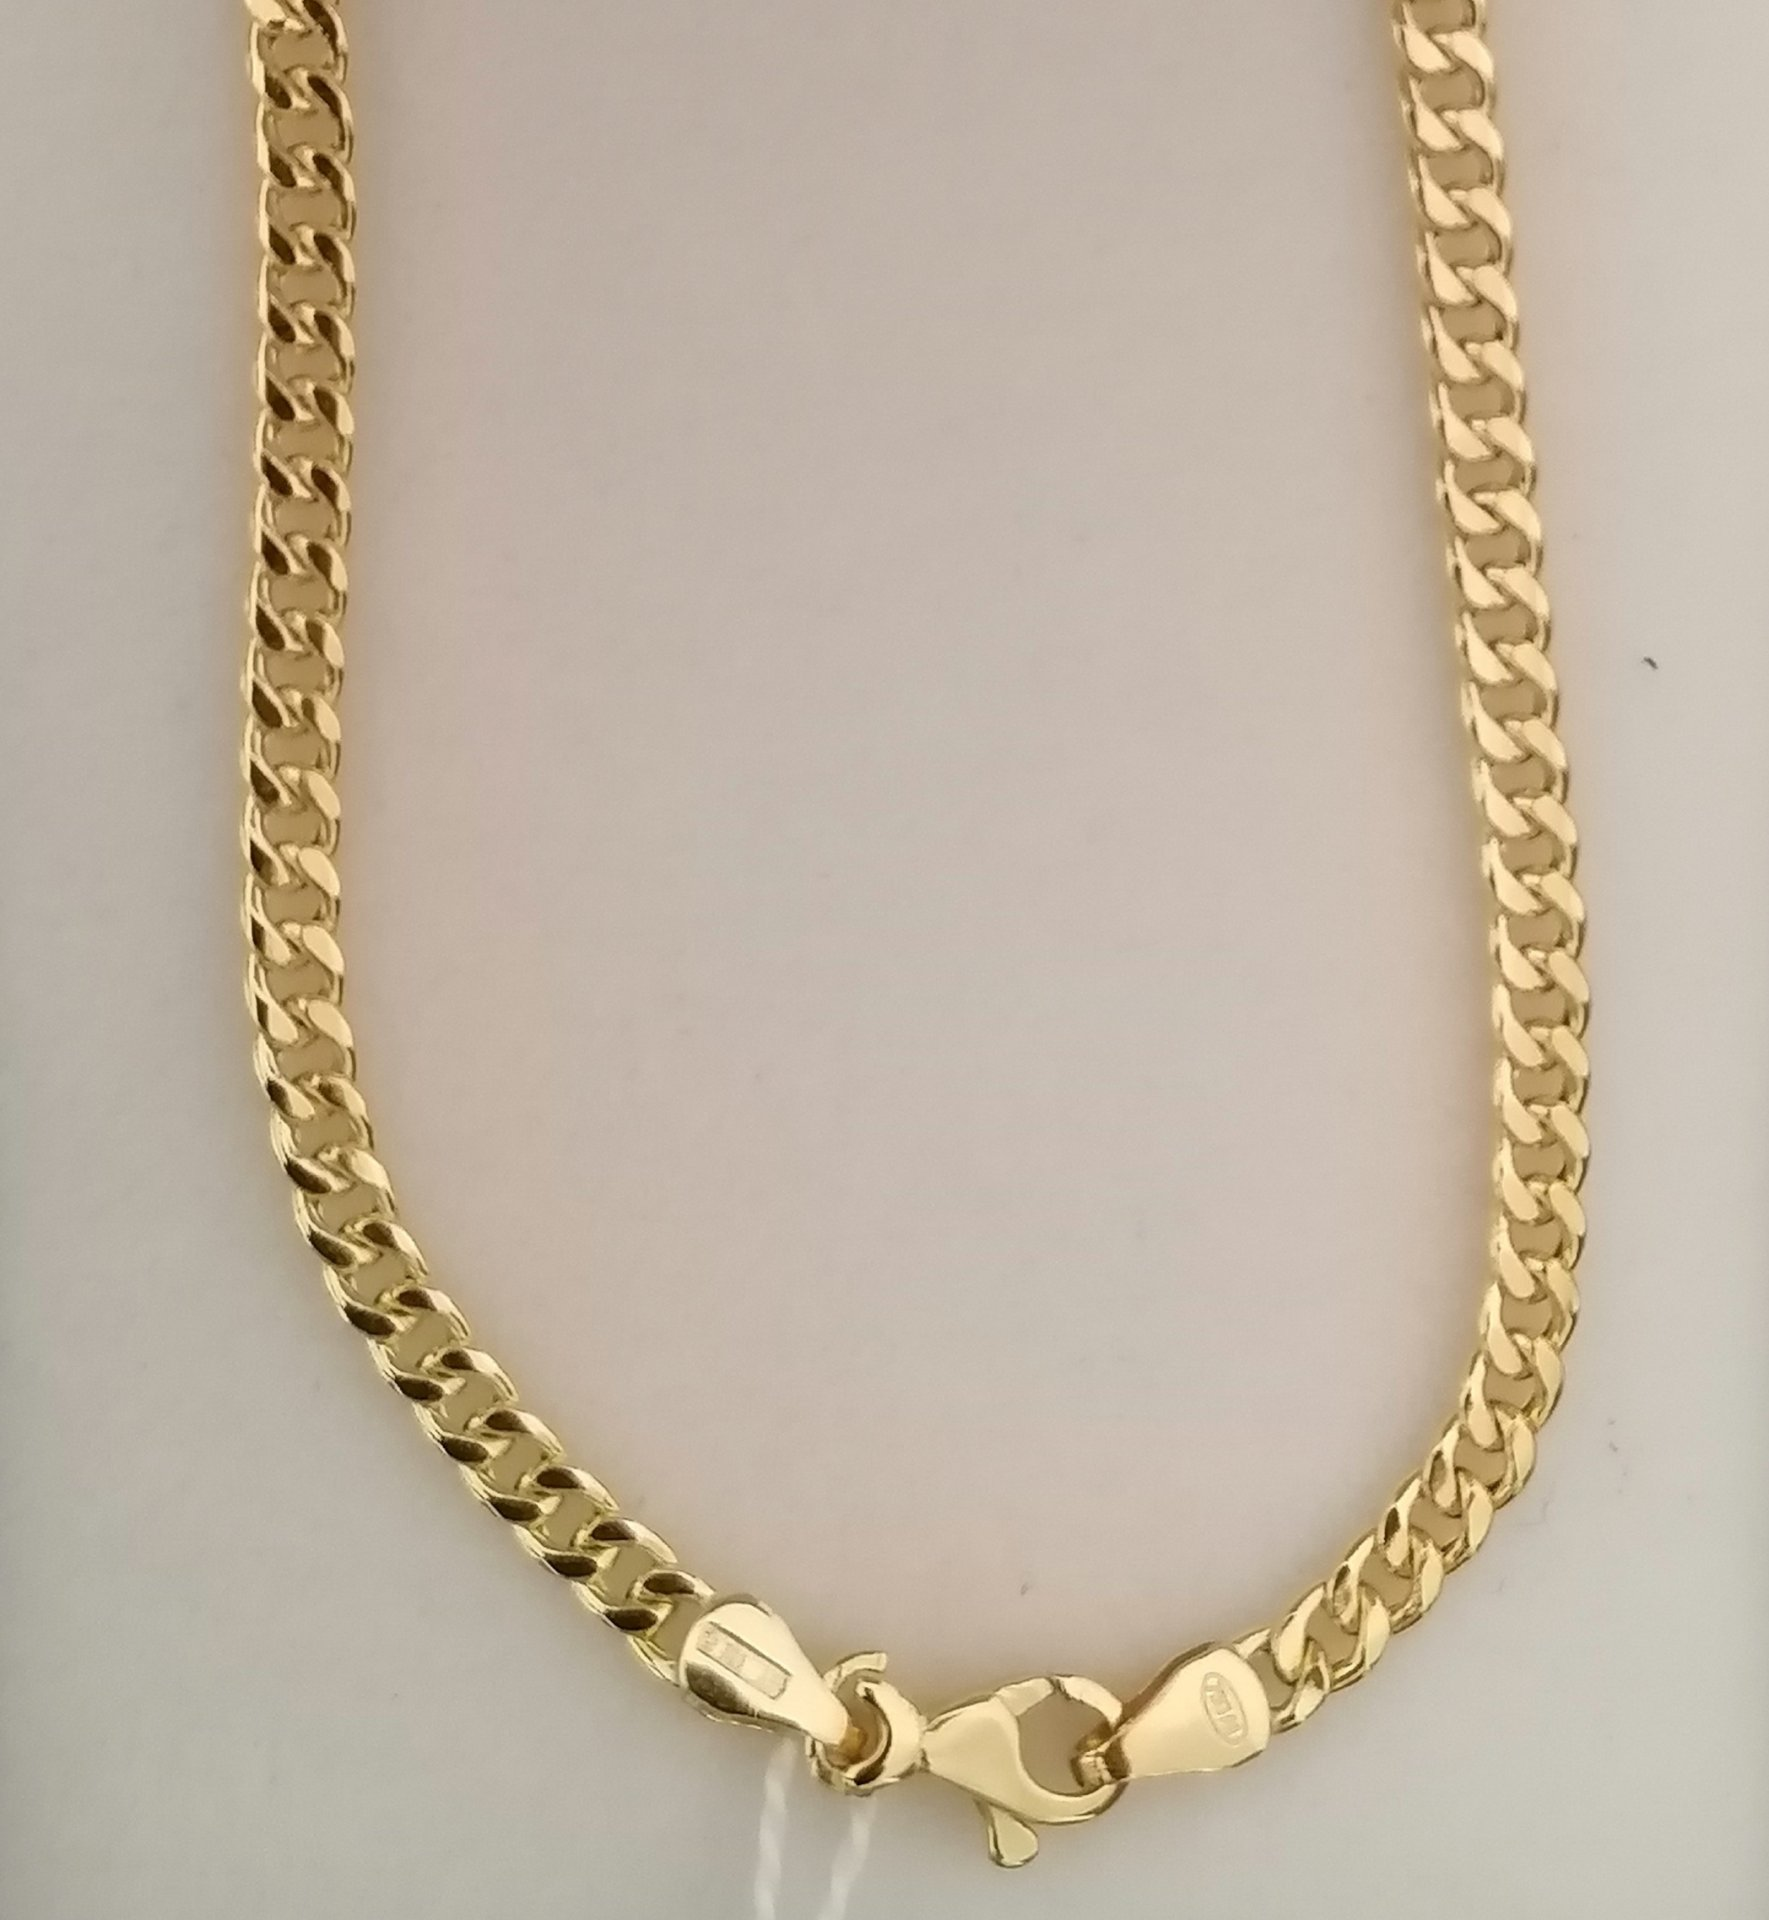 Esta cadena barbada de oro incorpora broche de mosqueton y contraste